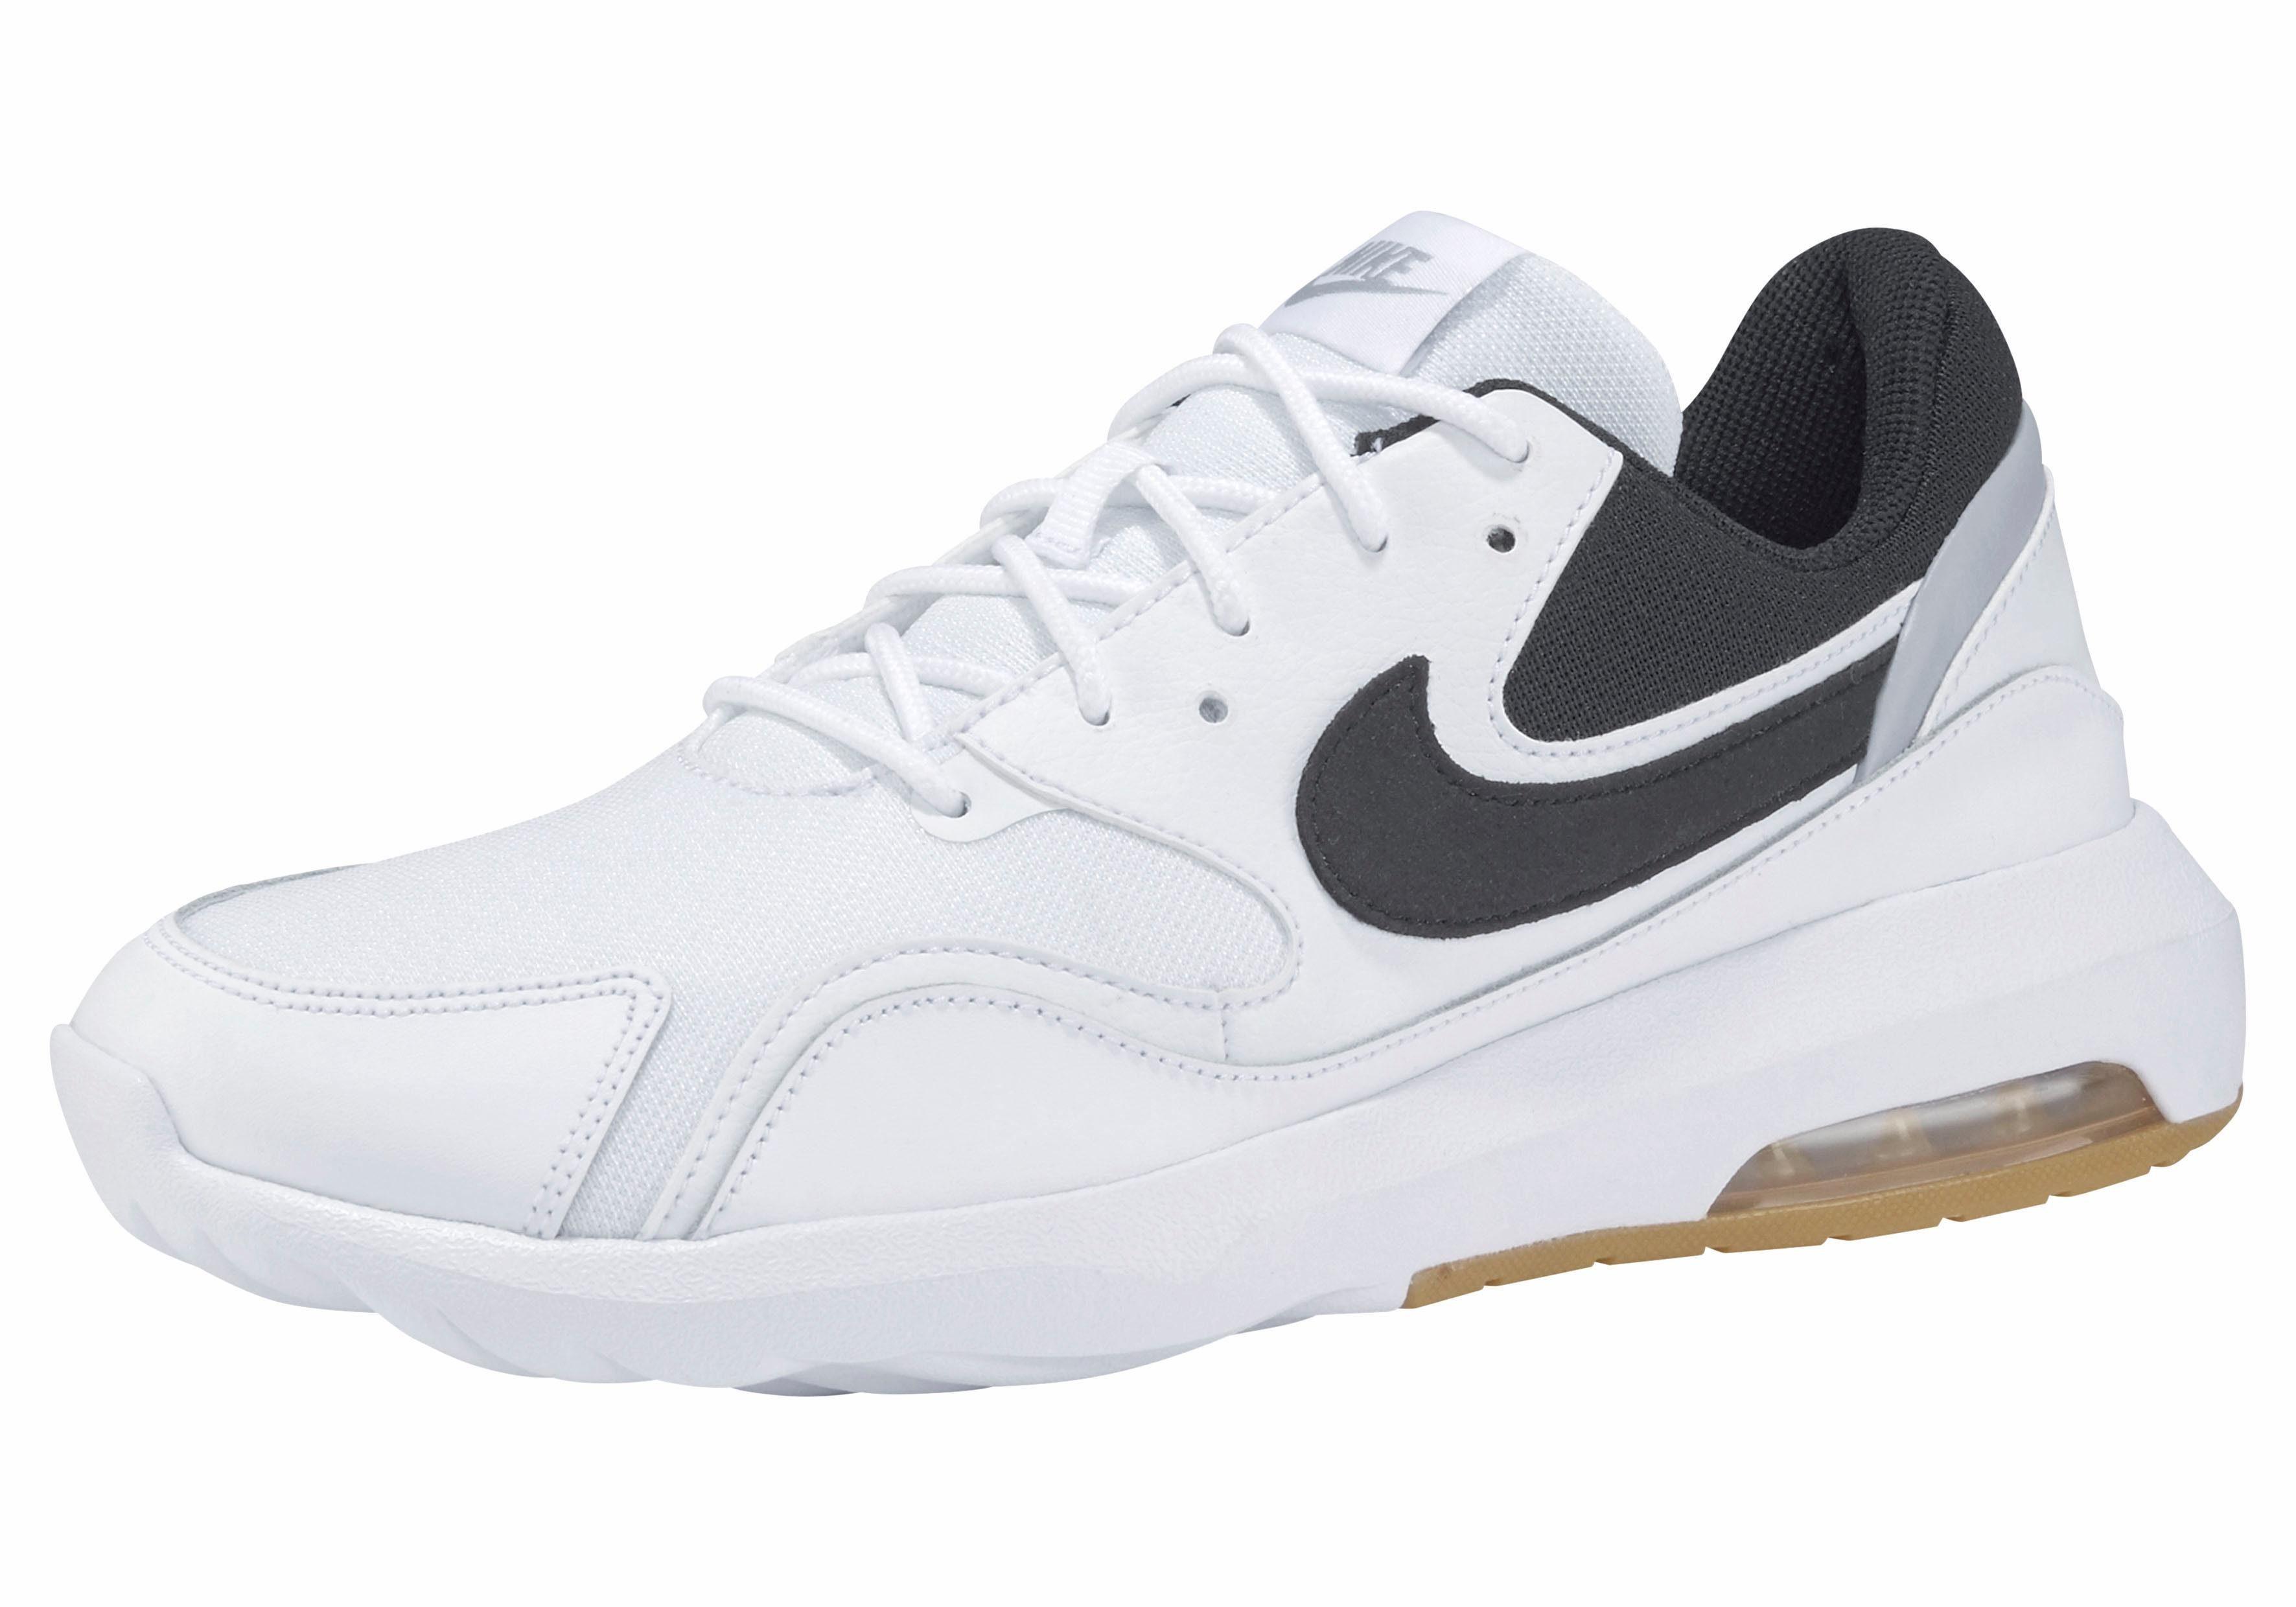 Nike Sportswear »Air Max Nostalgic« Sneaker kaufen | OTTO